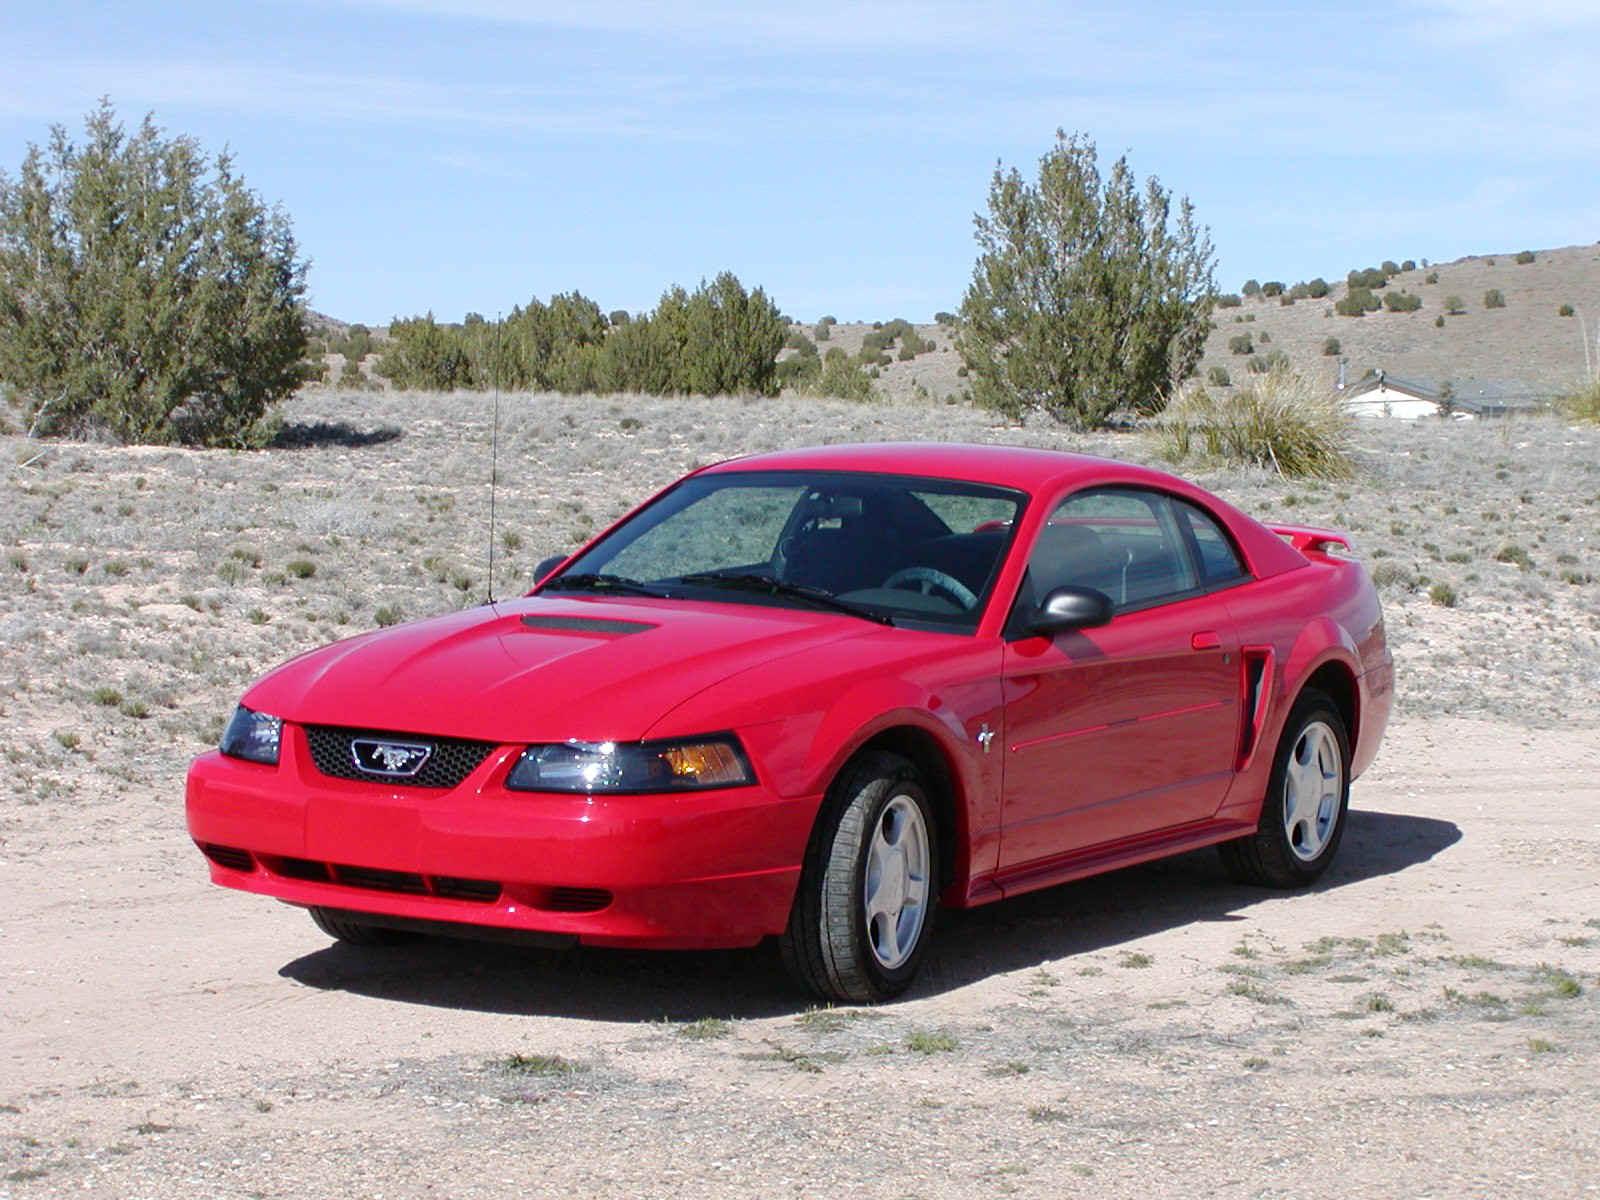 1999 Ford Mustang Cobra Jet Upcomingcarshq Com